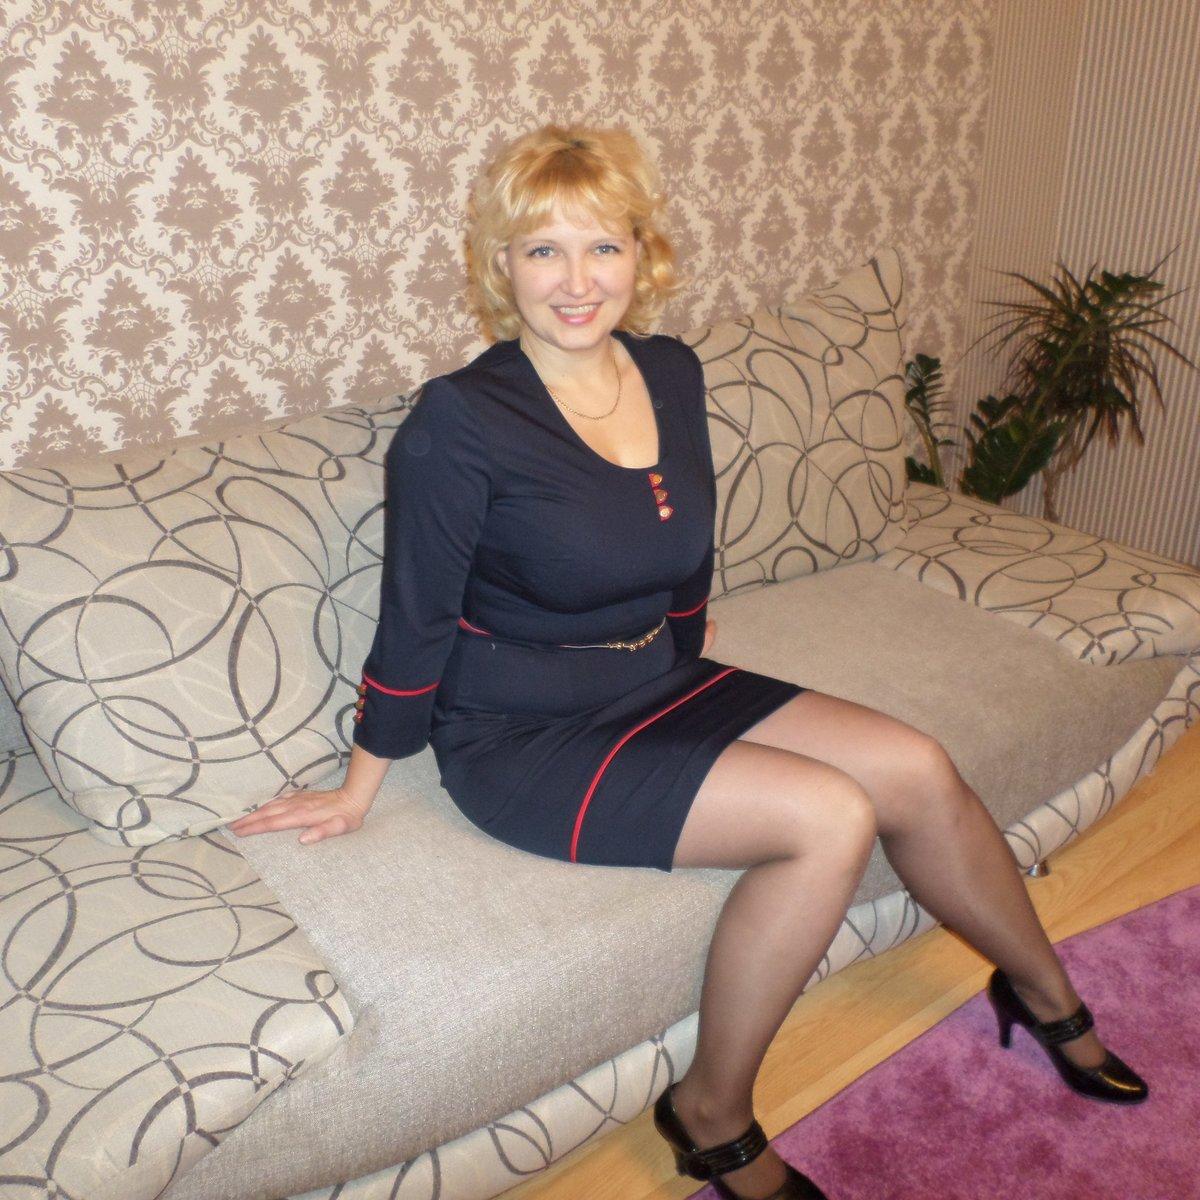 зрелые женщины ульяновск